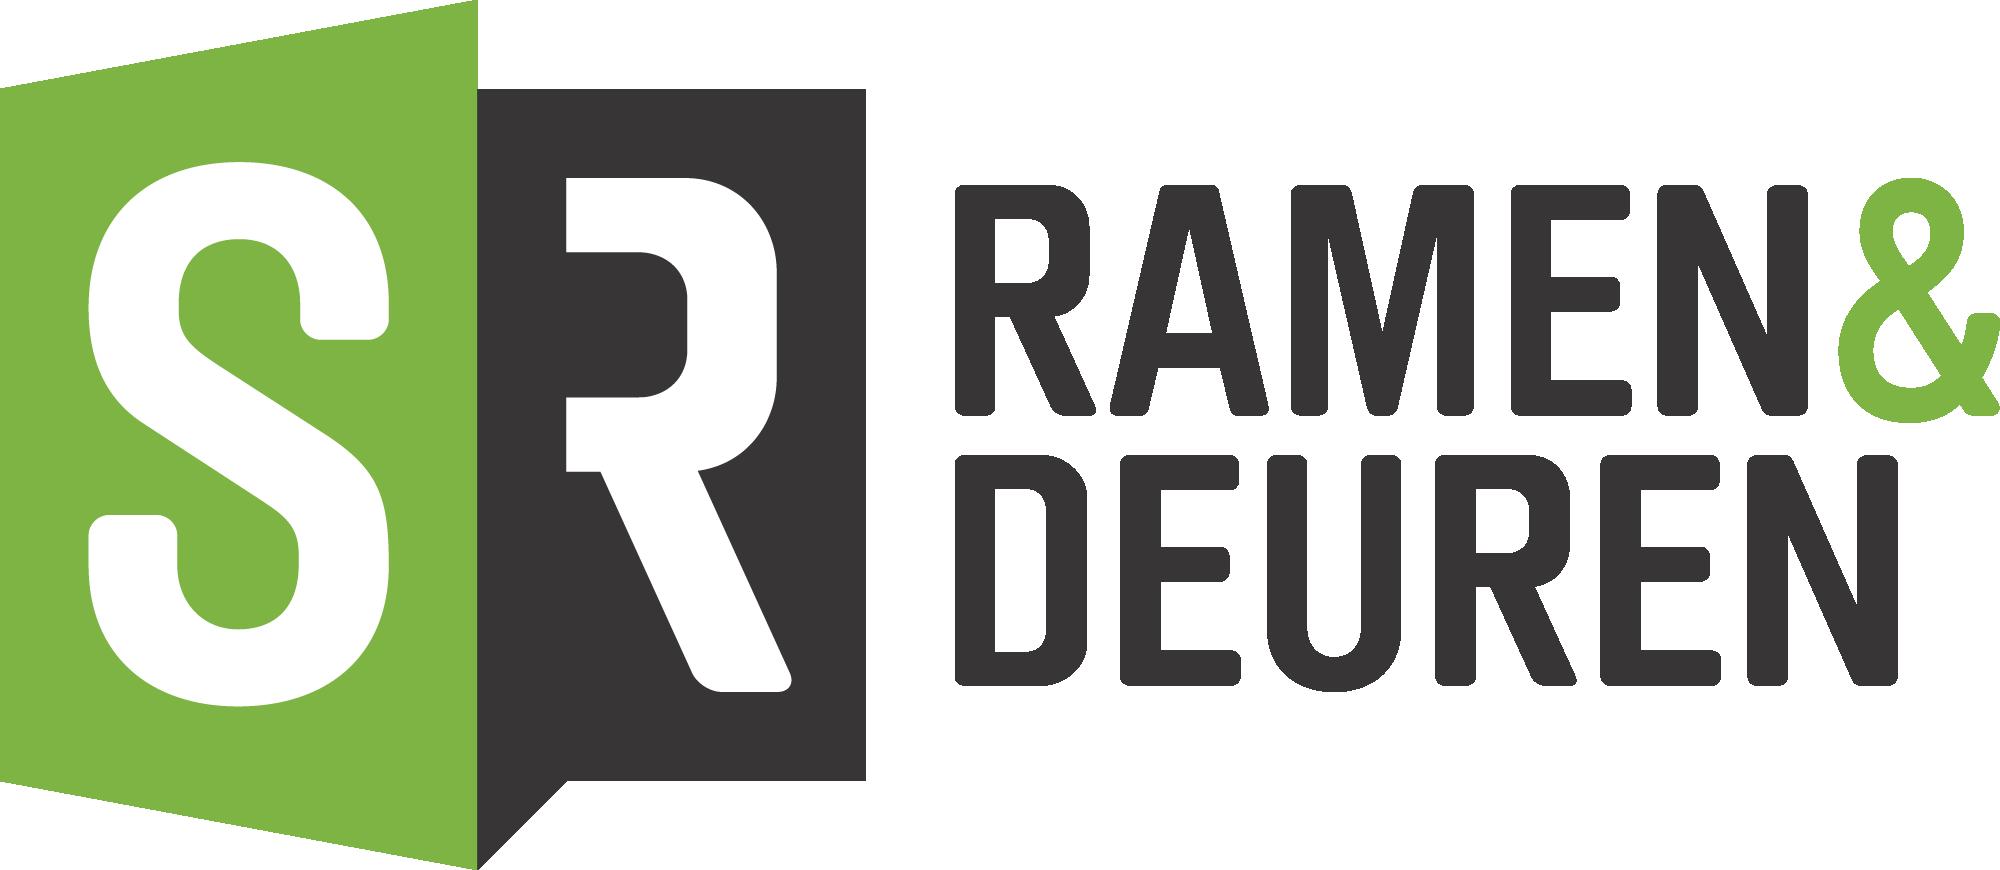 SR Ramen & Deuren